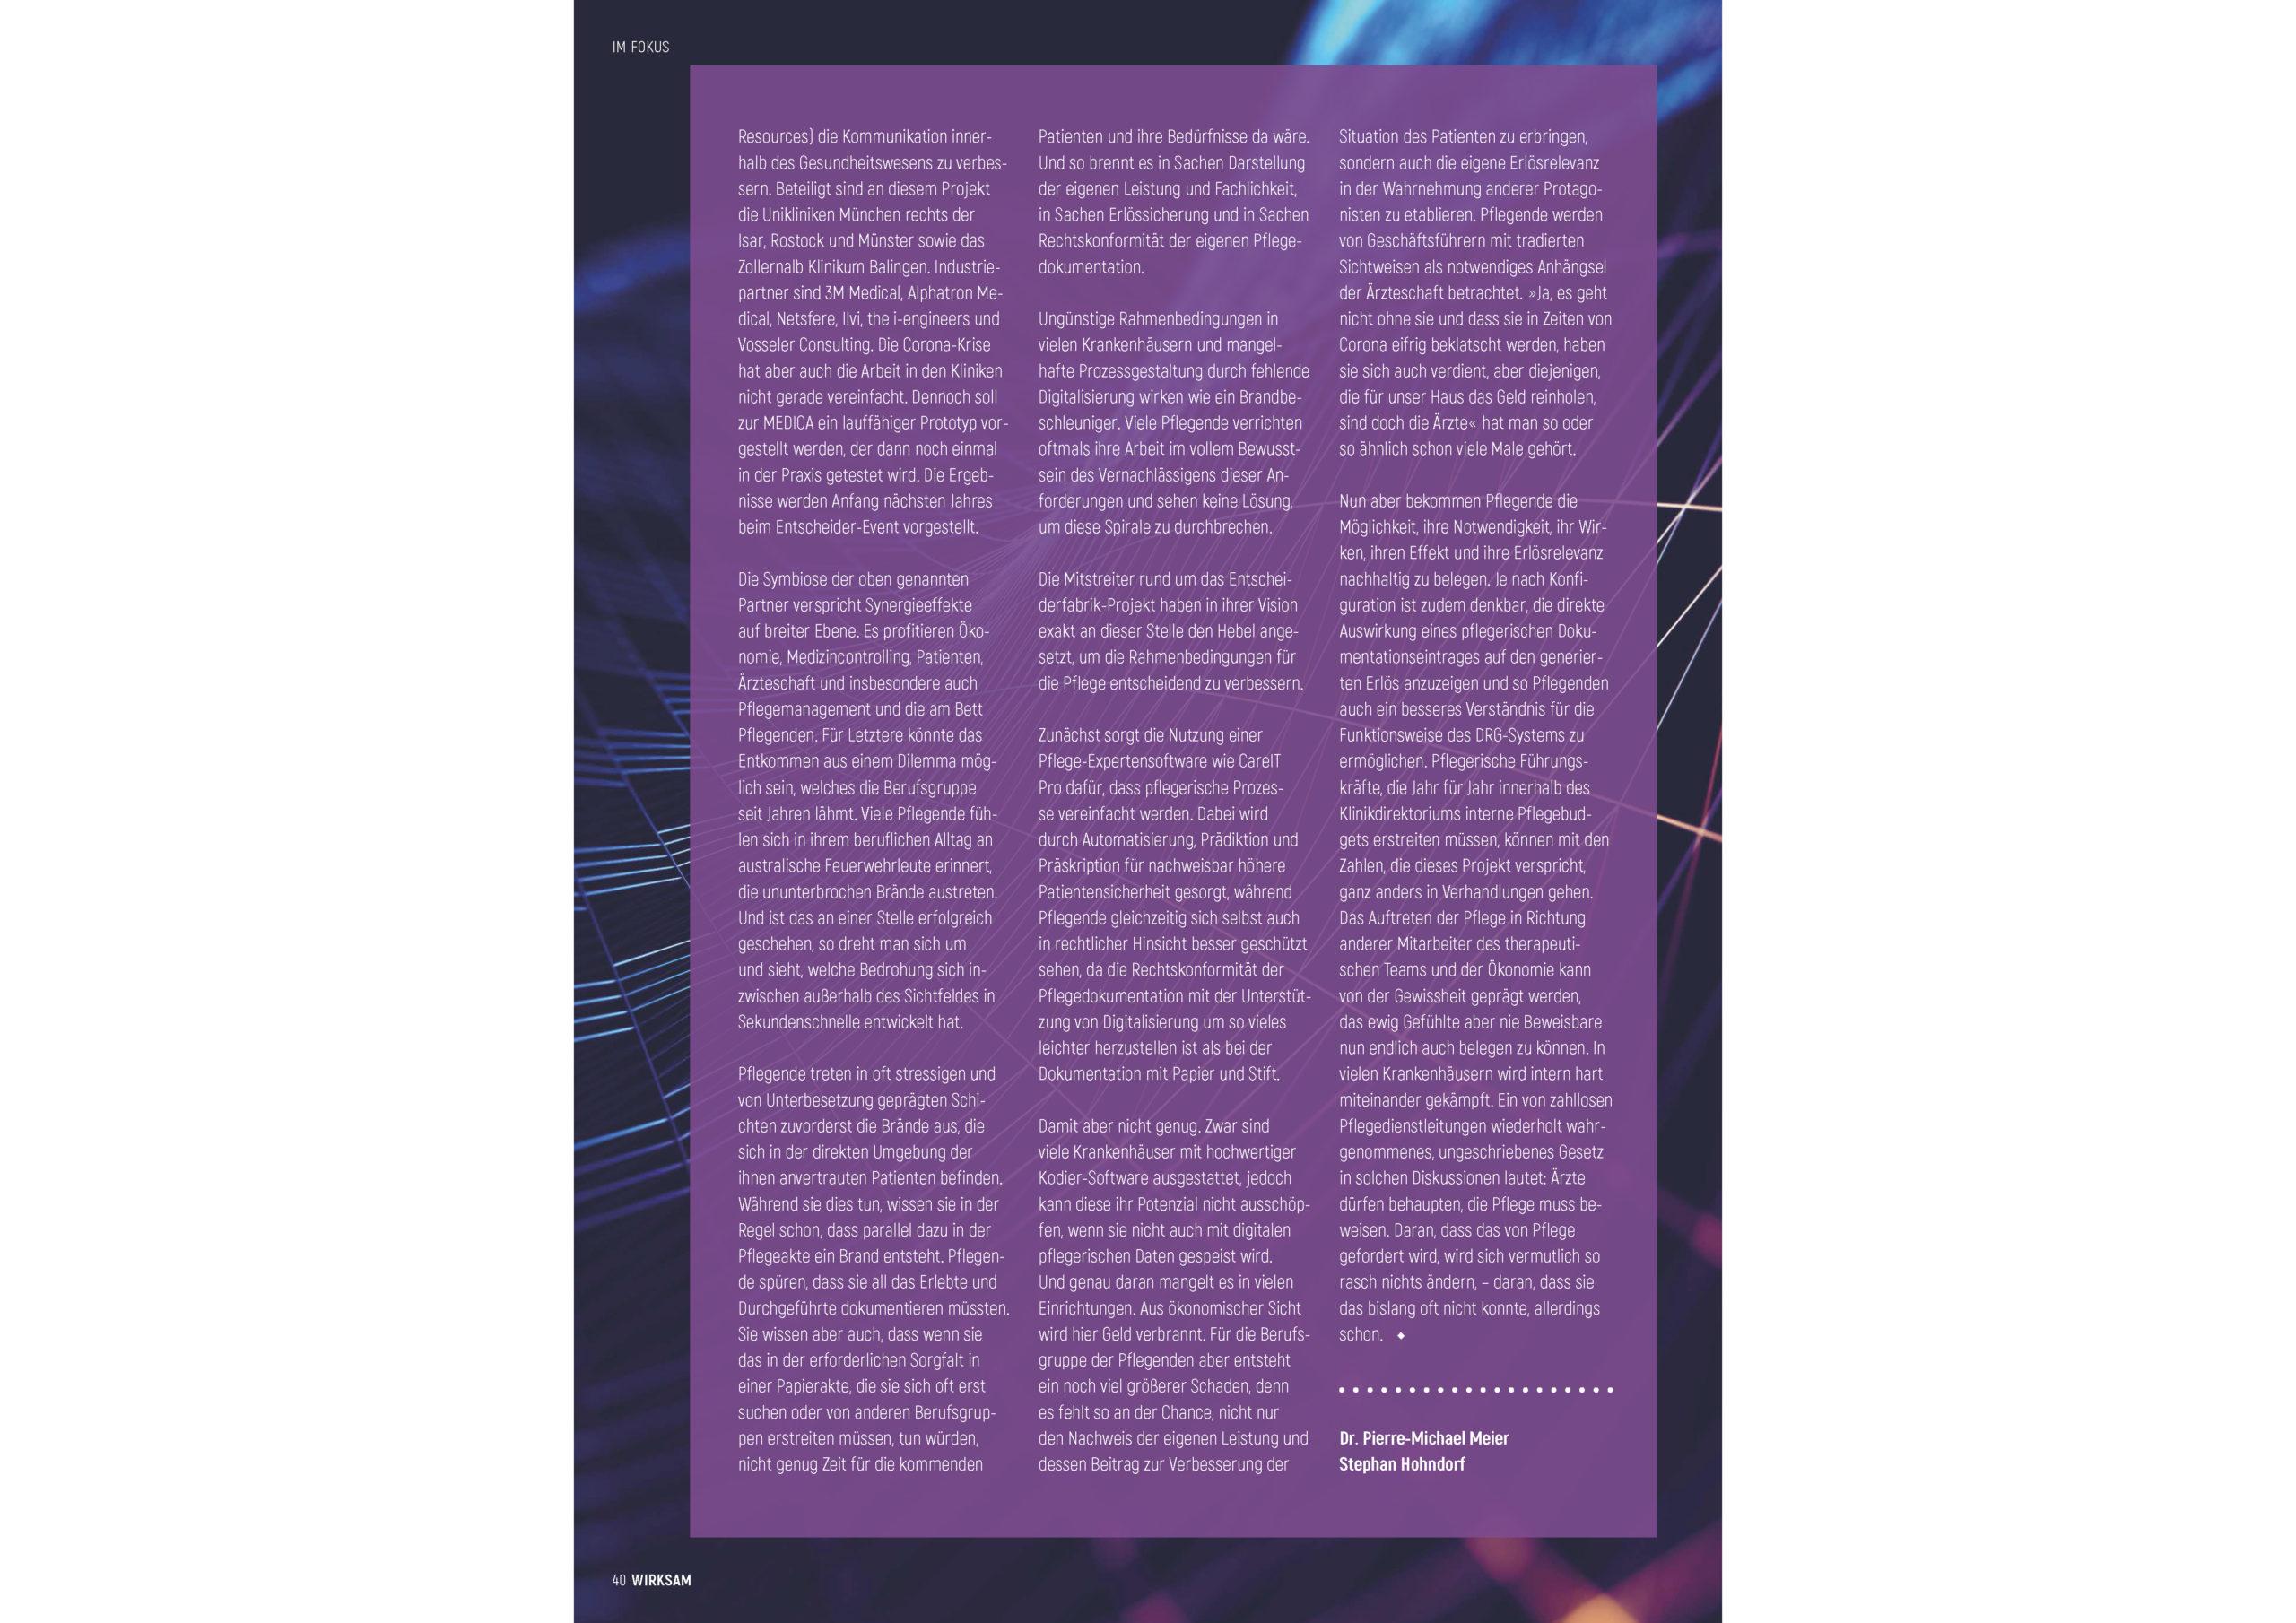 Wirksam_Ausgabe04_2020_S38-40_Online_Seite_2